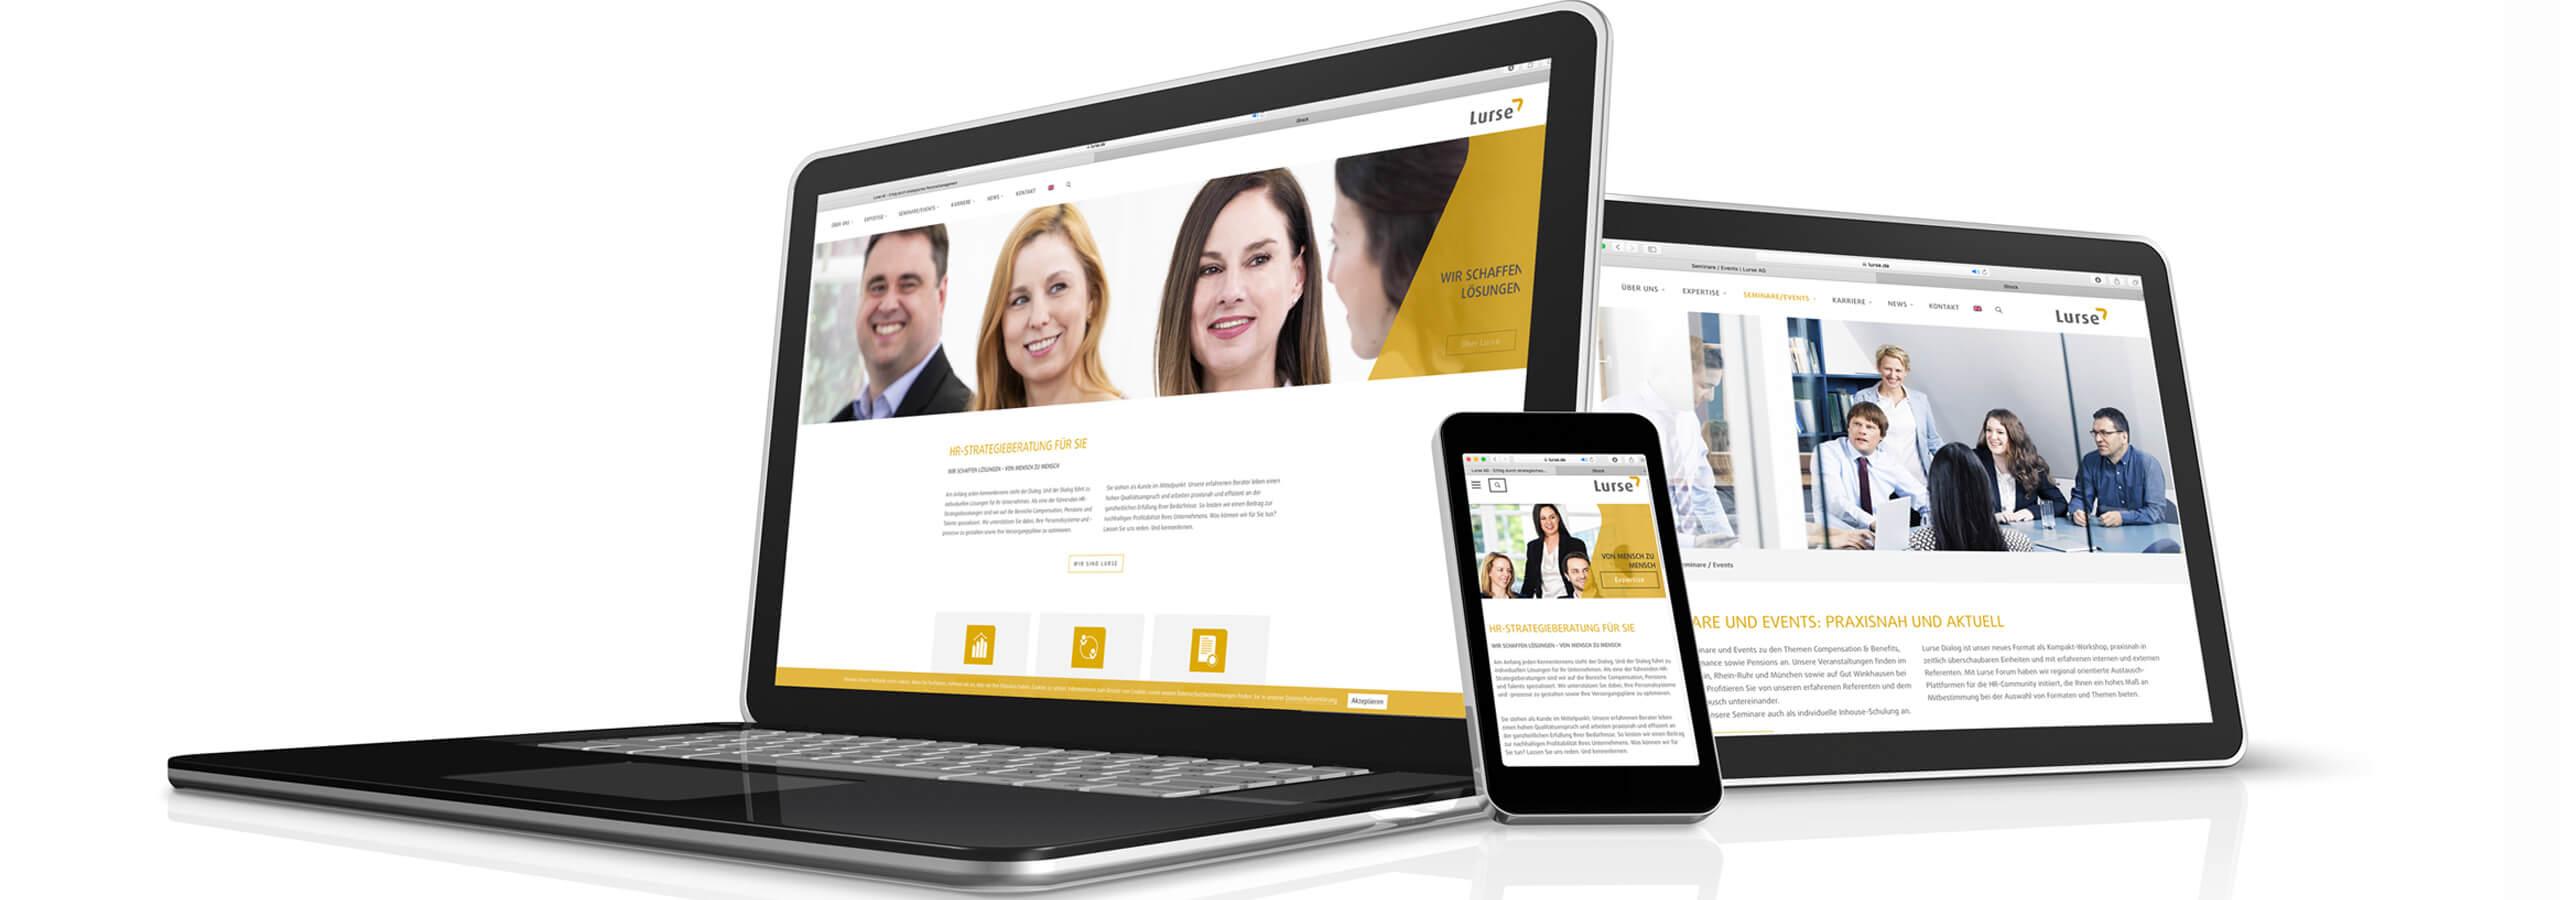 responsive Webdesign für Unternehmensberatung, Agentur deerns und jungs Köln